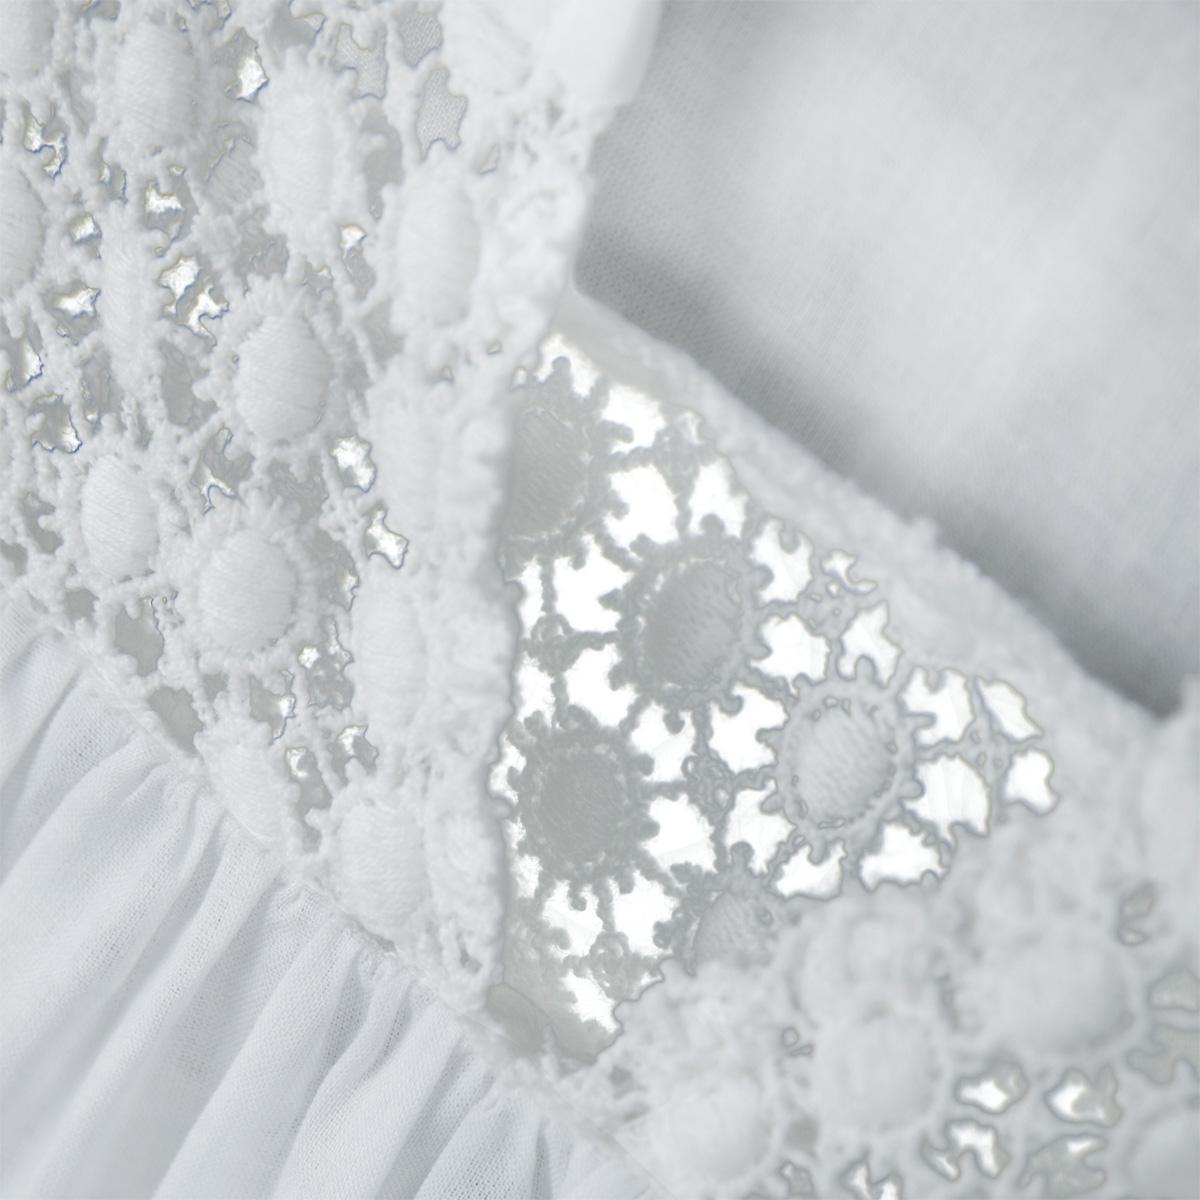 женская рубашка OSA sc00211 O.SA2011 Casual Однотонный цвет V-образный вырез